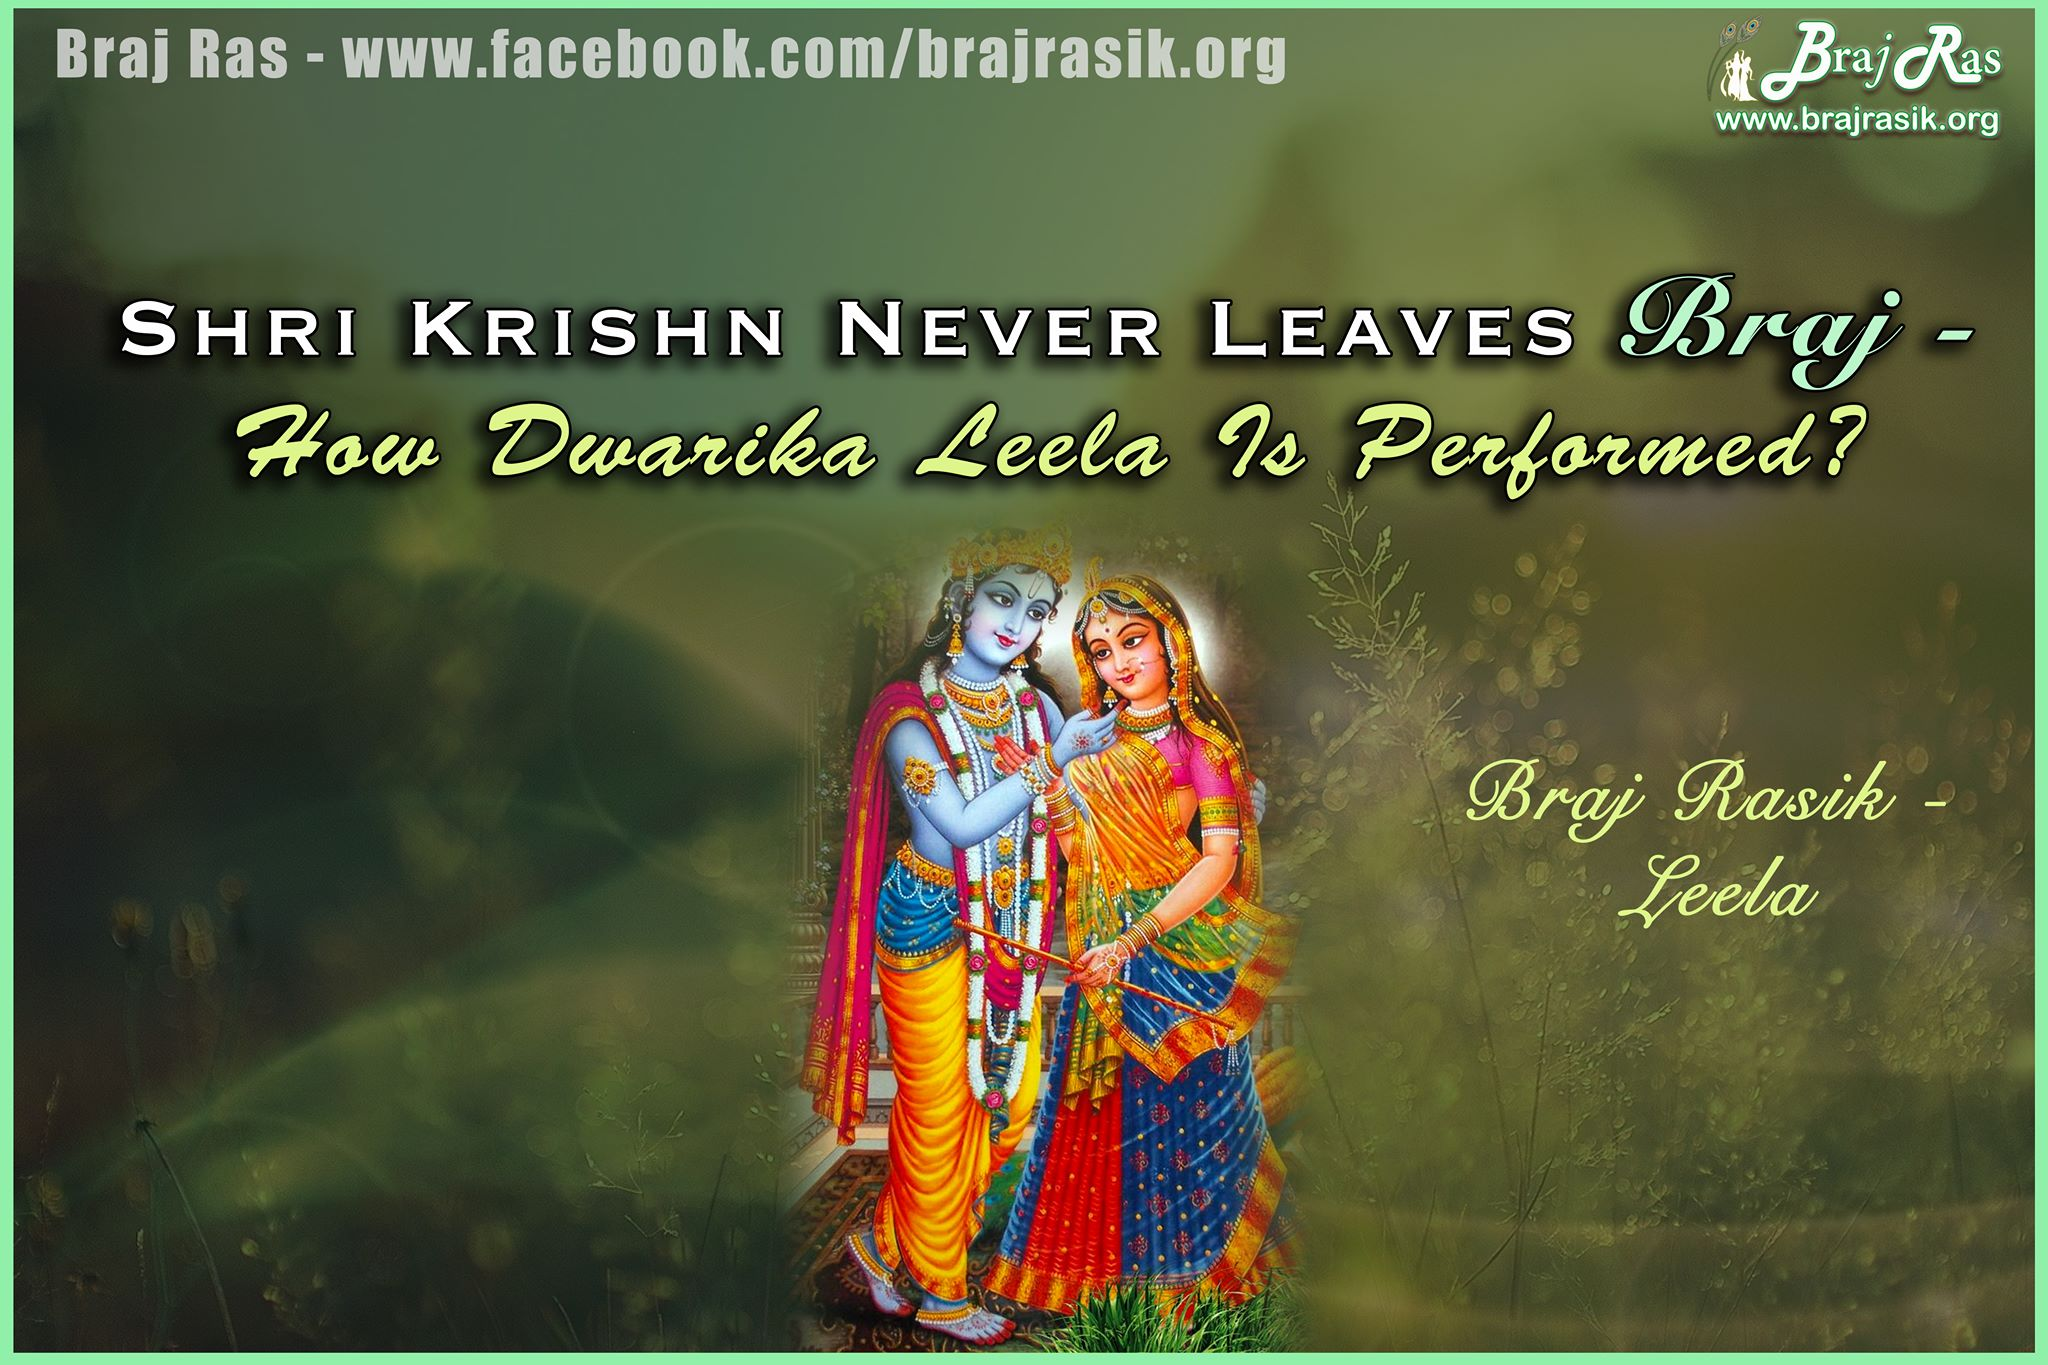 Shri Krishna Never Leaves Braj - How Dwarka Leela Is Performed?